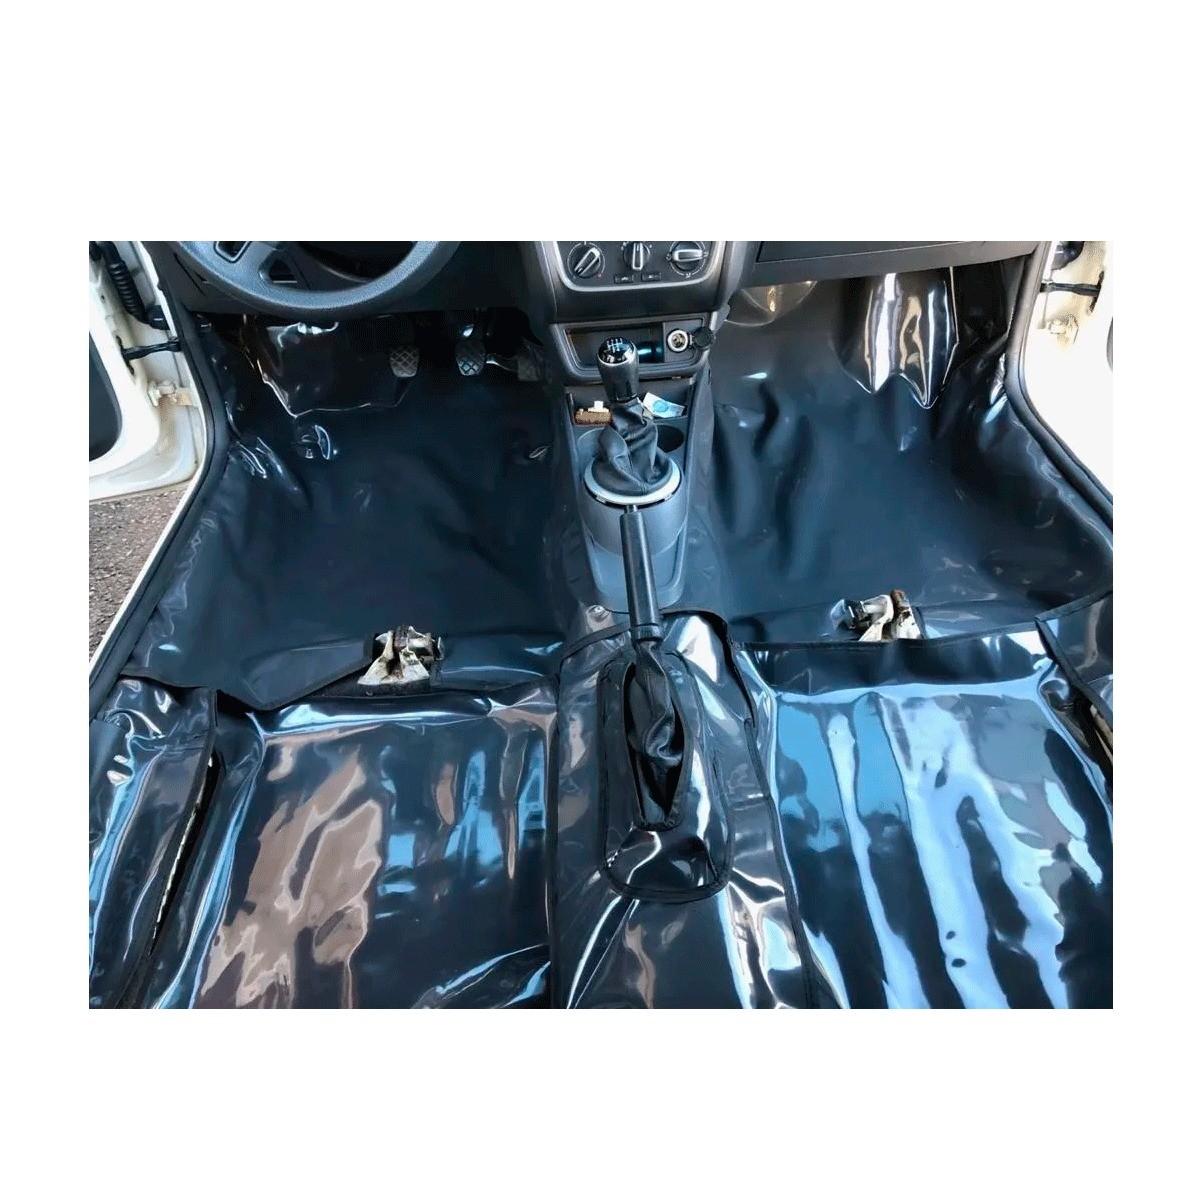 Tapete Proteção Assoalho da Ford Ecosport 2003 a 2012 em Vinil Verniz Impermeável